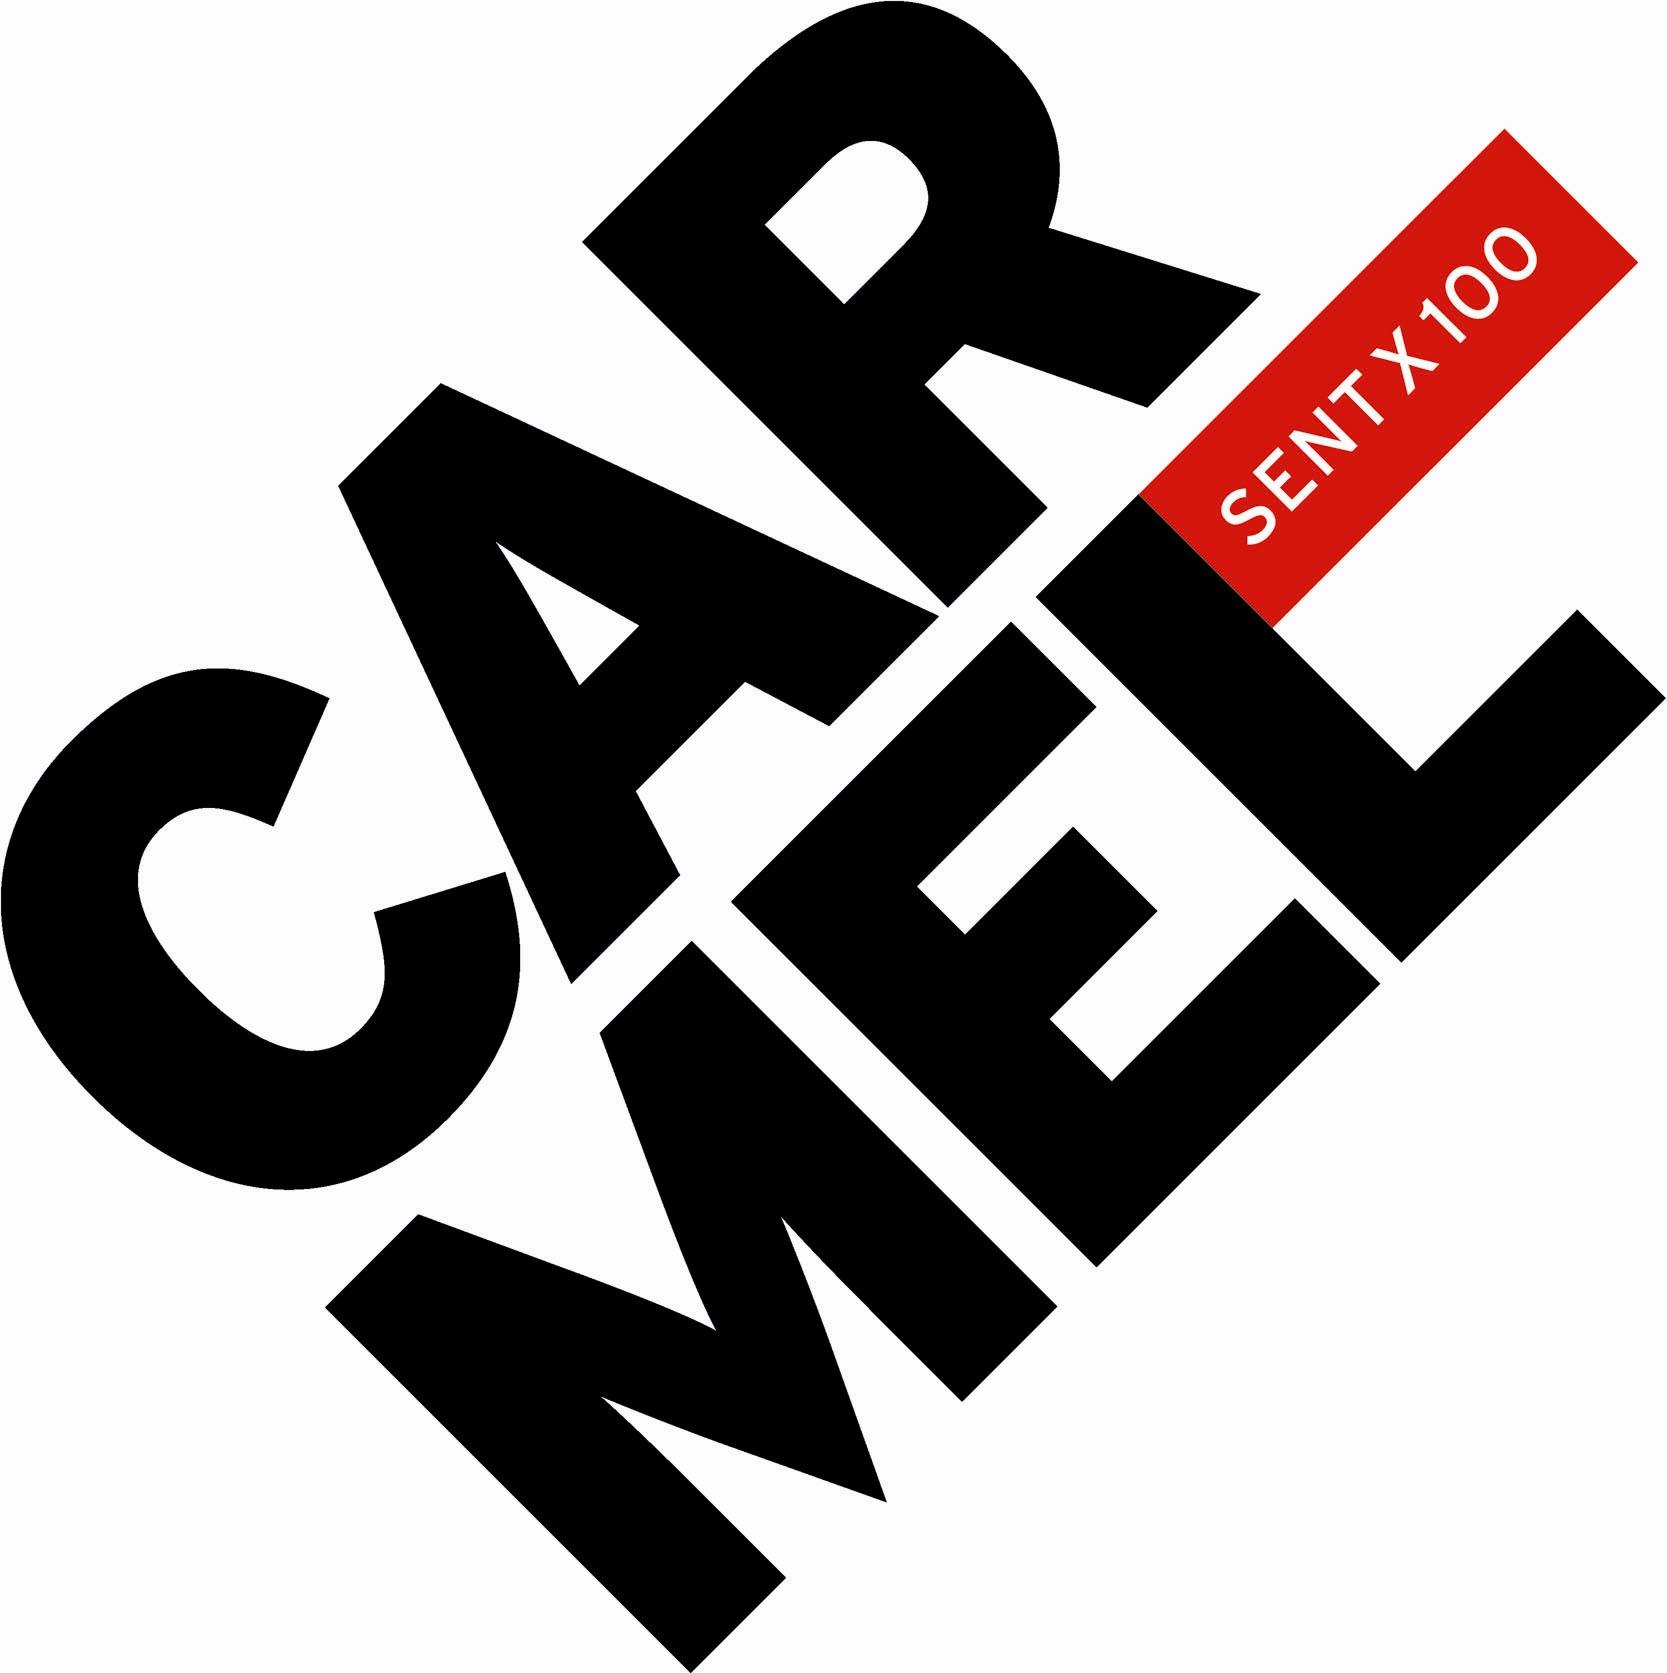 Carmel Sent x 100. Repensem la Rambla del Carmel i els seus usos